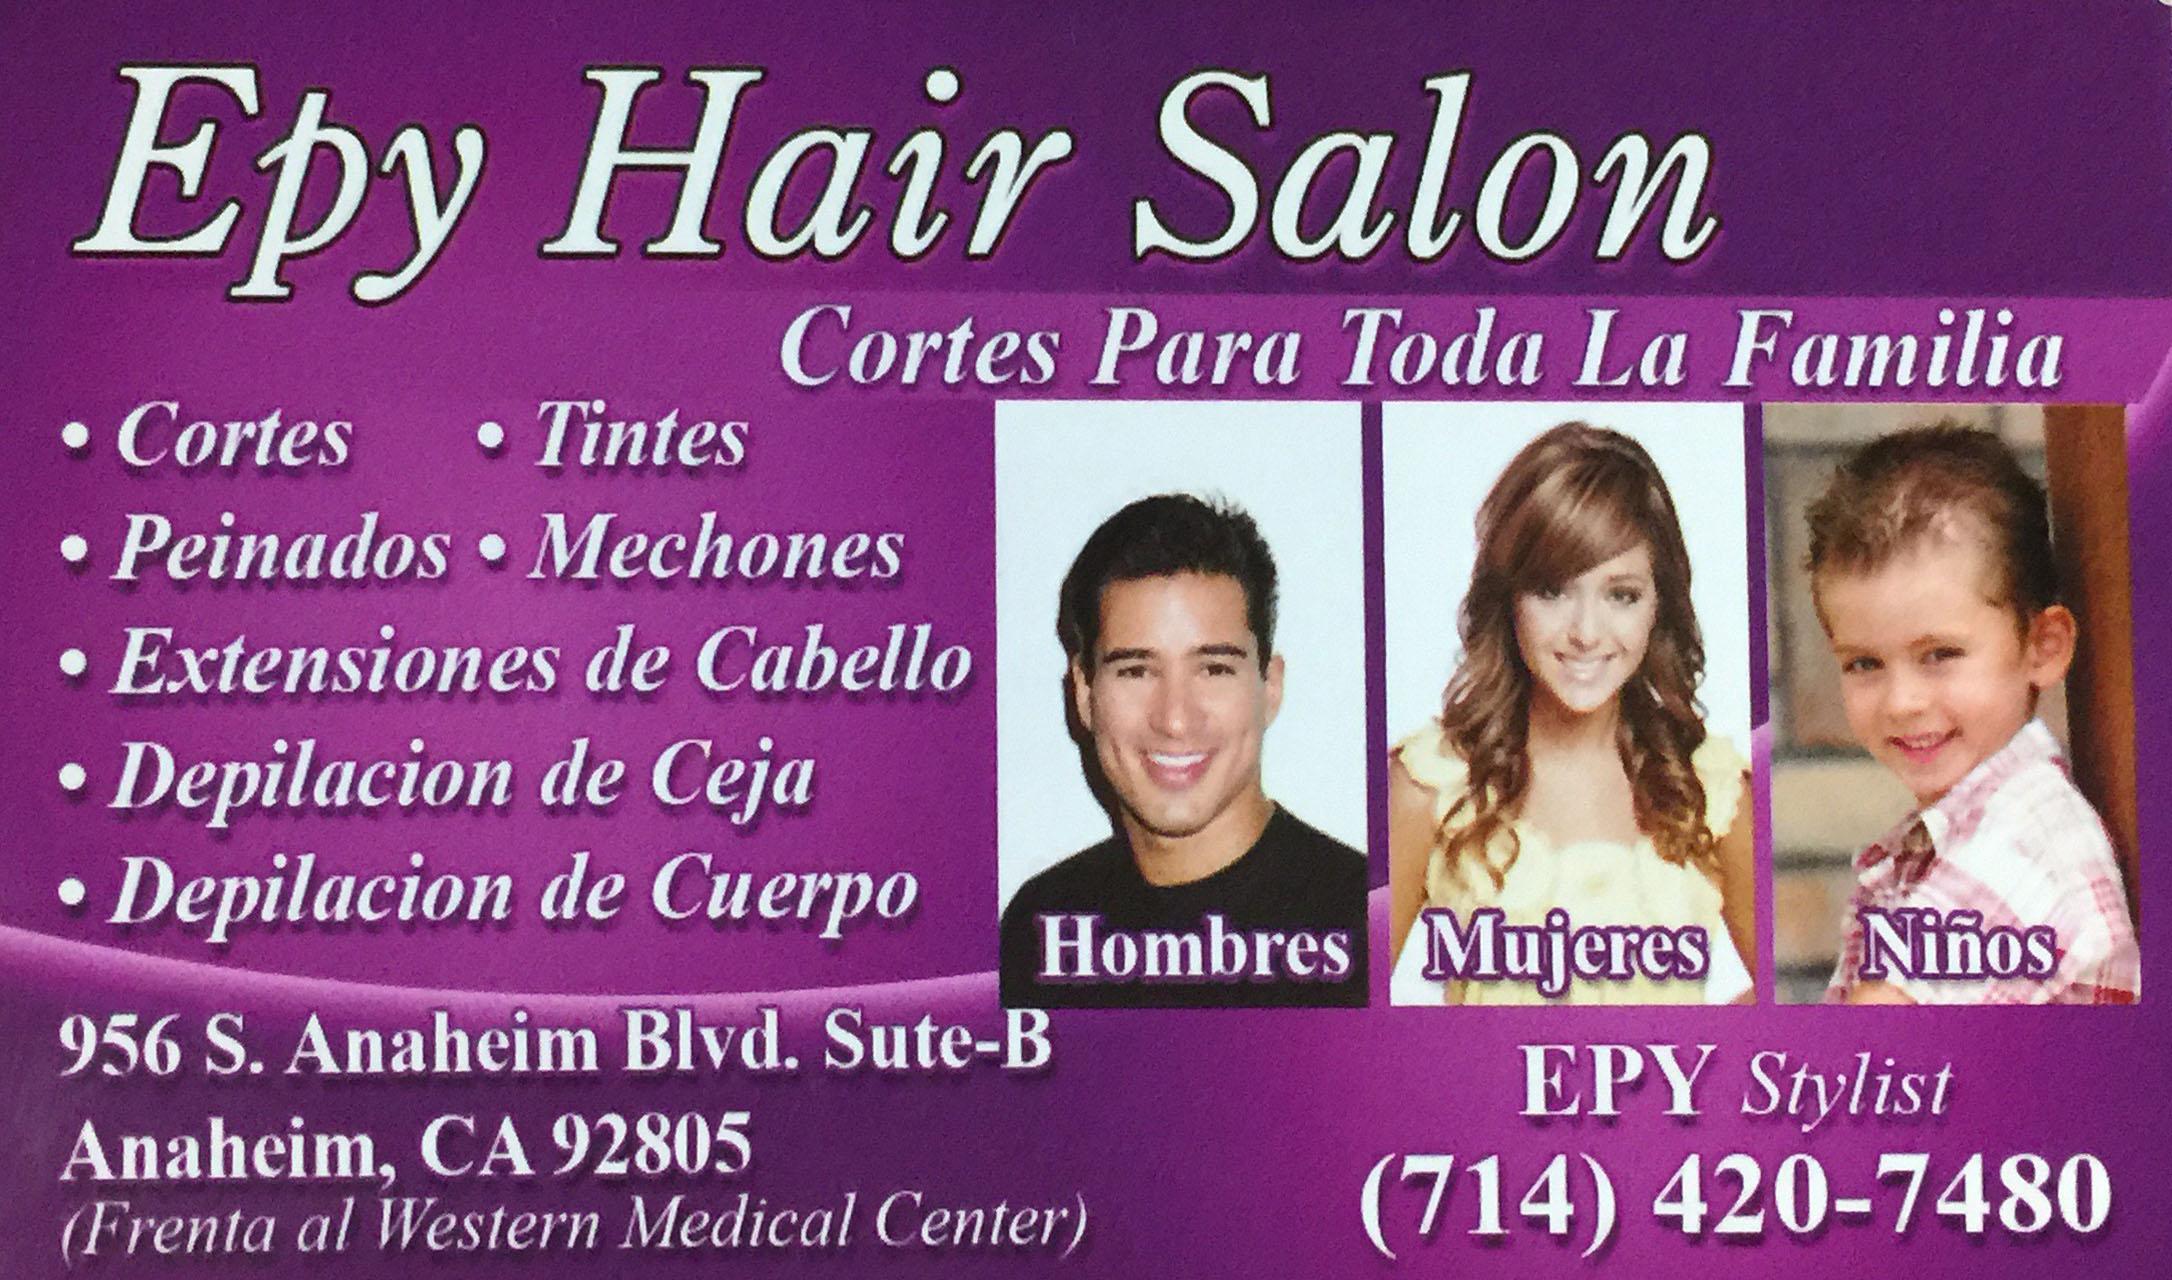 Epy Hair Salon